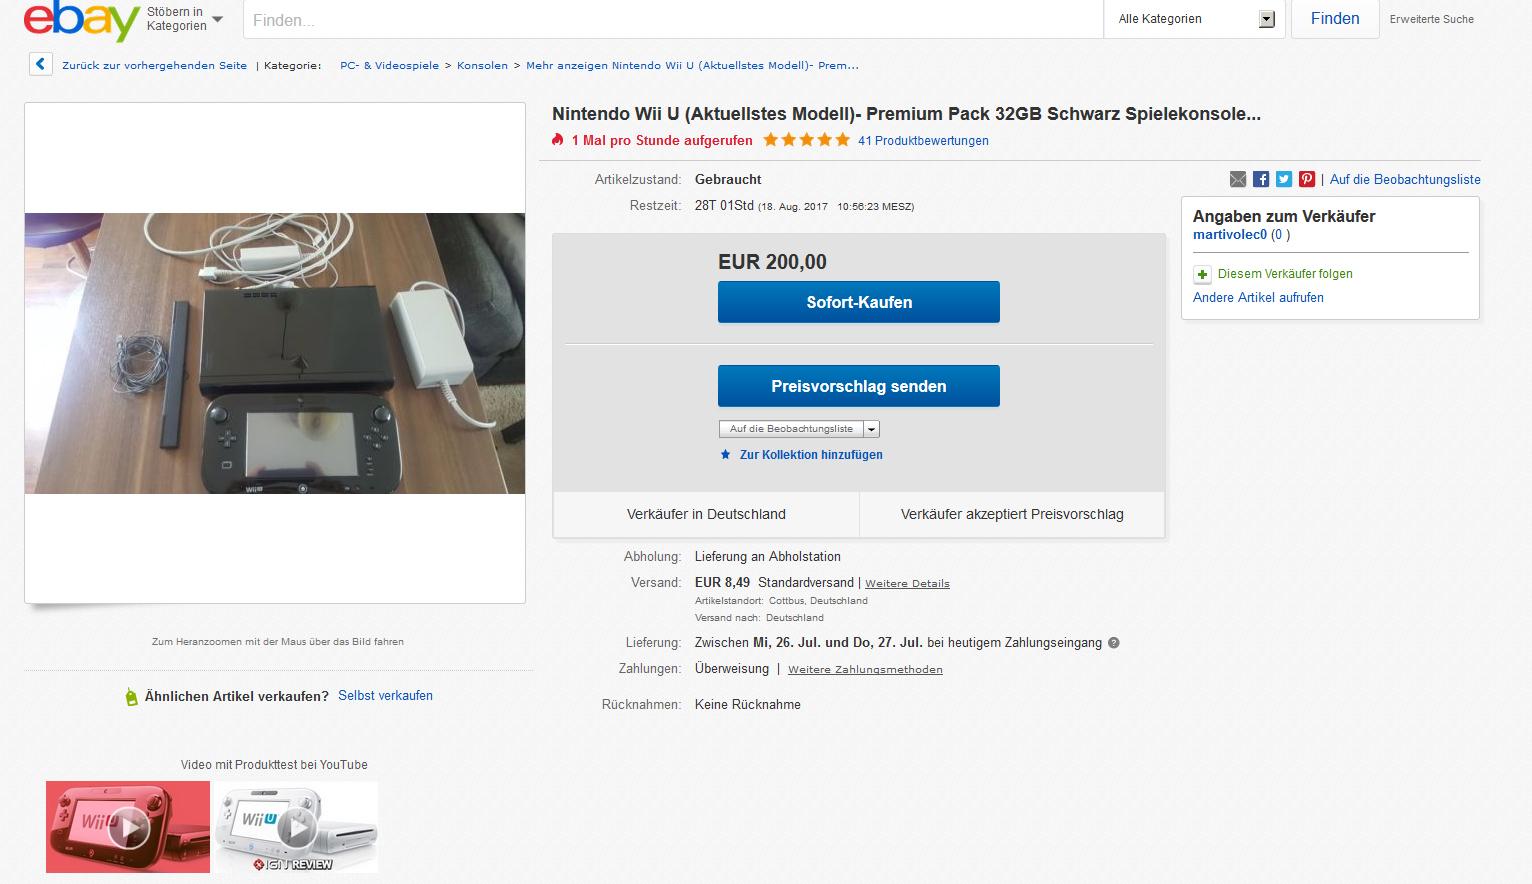 betrug mit fritzbox 7490 und nintendo wi seite 6 ebay community. Black Bedroom Furniture Sets. Home Design Ideas